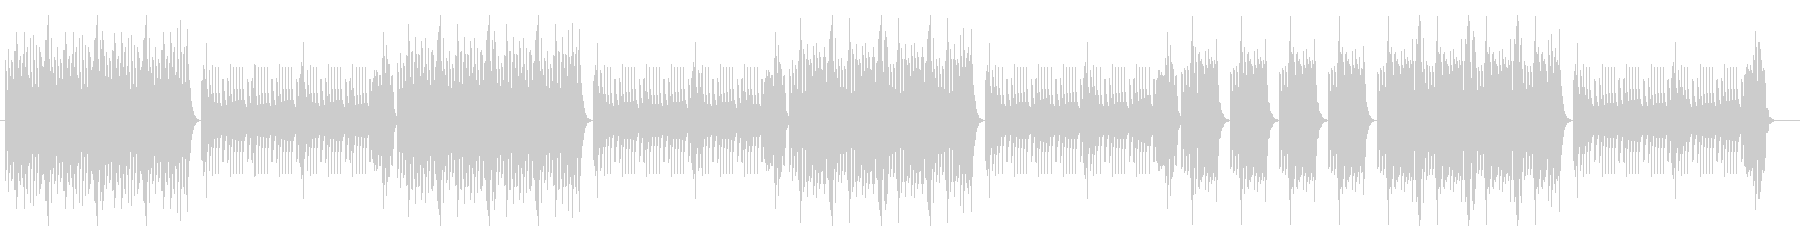 マリンバビブラフォン 陽気なラテンポップの未再生の波形